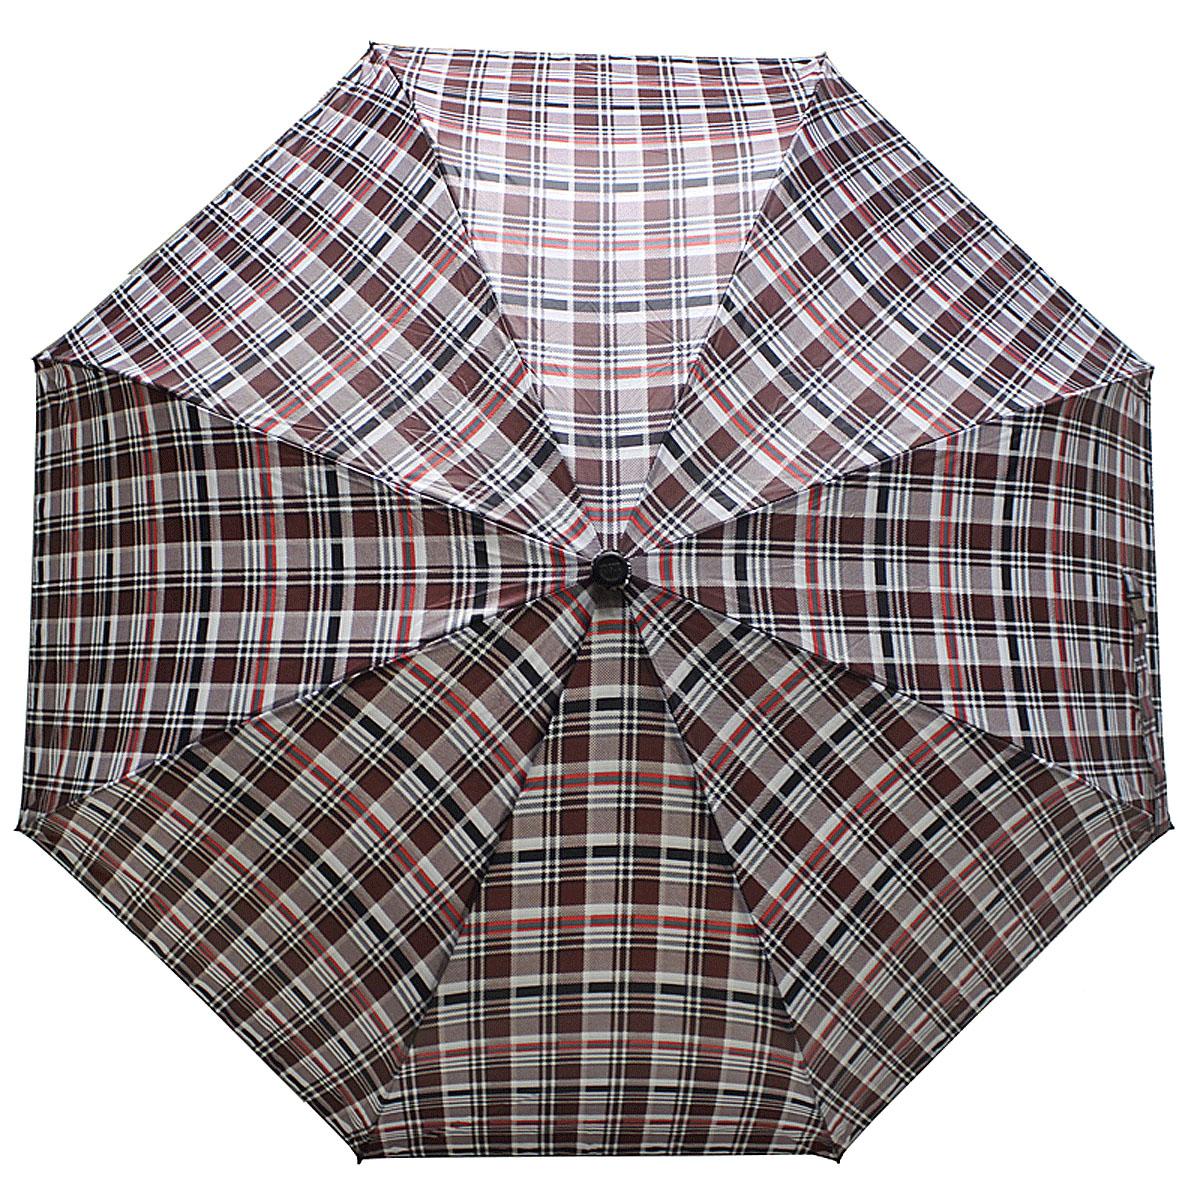 Зонт женский Vogue, цвет: бордовый. 448V-1448V-1Стильный зонт испанского производителя Vogue оснащен каркасом с противоветровым эффектом. Каркас зонта включает 8 спиц. Стержень изготовлен из стали, купол выполнен из прочного полиэстера. Зонт является механическим: купол открывается и закрывается вручную до характерного щелчка. Такой зонт не только надежно защитит вас от дождя, но и станет стильным аксессуаром, который идеально подчеркнет ваш неповторимый образ. Рекомендации по использованию: Мокрый зонт нельзя оставлять сложенным. Зонт после использования рекомендуется сушить в полураскрытом виде вдали от нагревательных приборов. Чистить зонт рекомендуется губкой, используя мягкие нещелочные растворы.